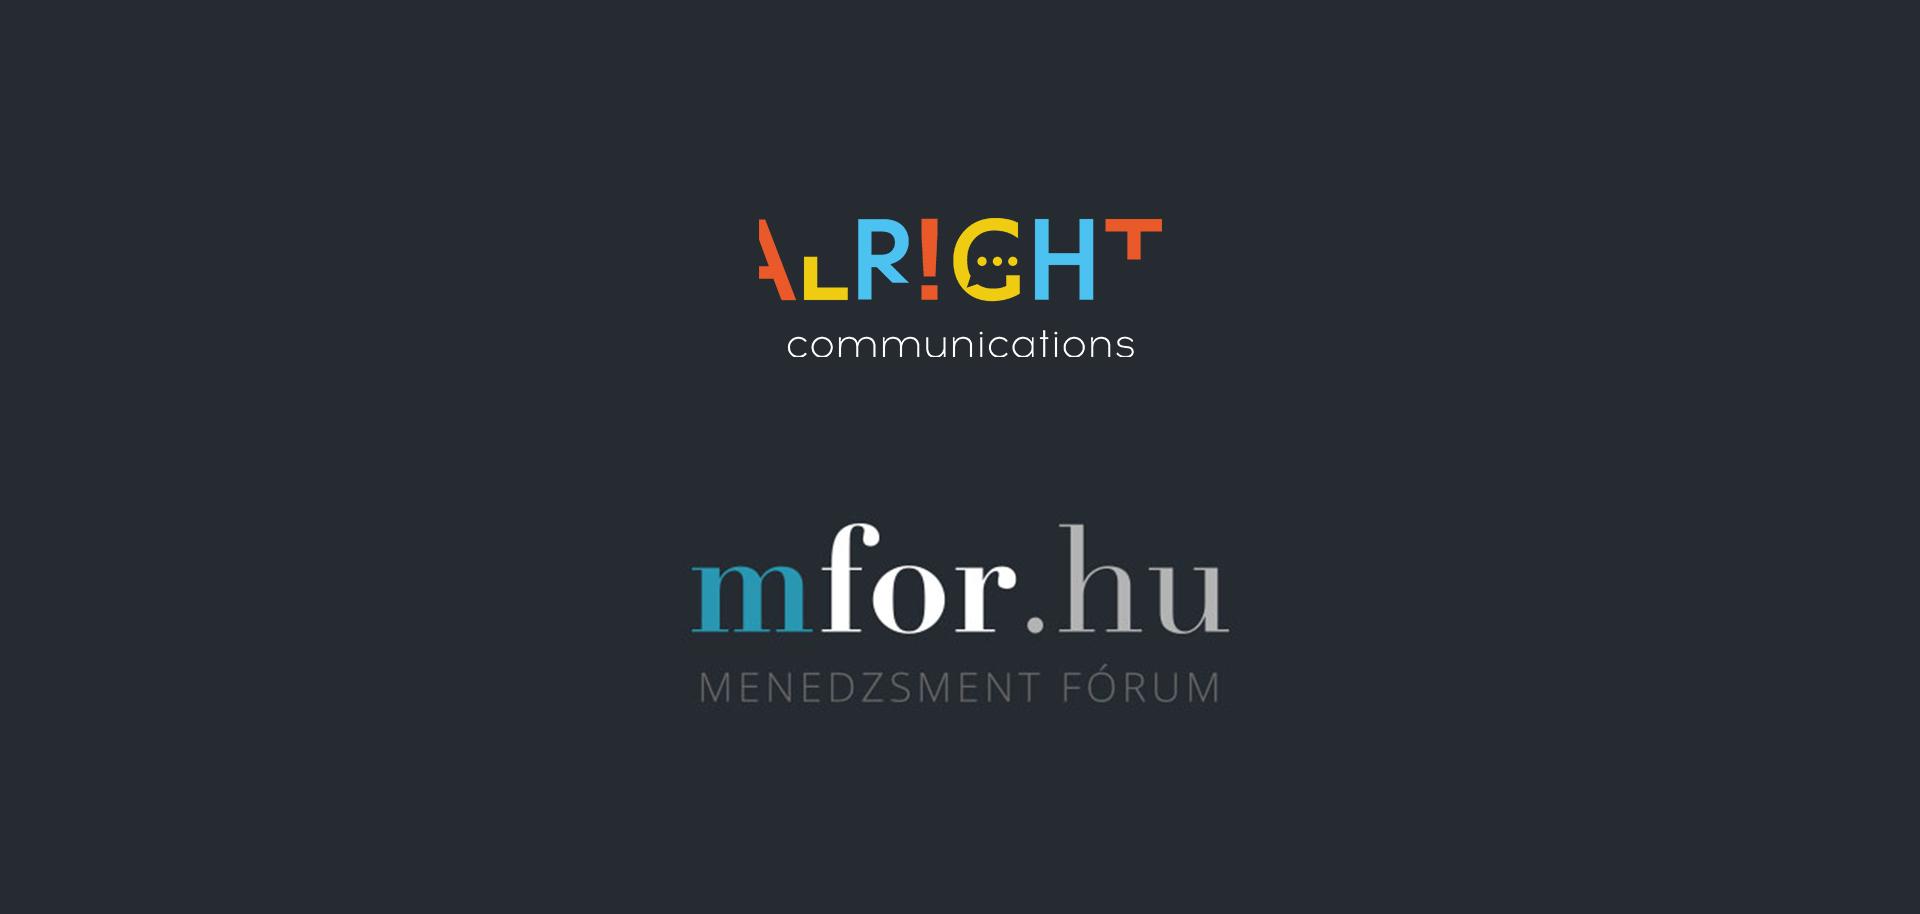 A Menedzsment Fórum is ajánlja a kommunikációt segítő tanulmányunkat